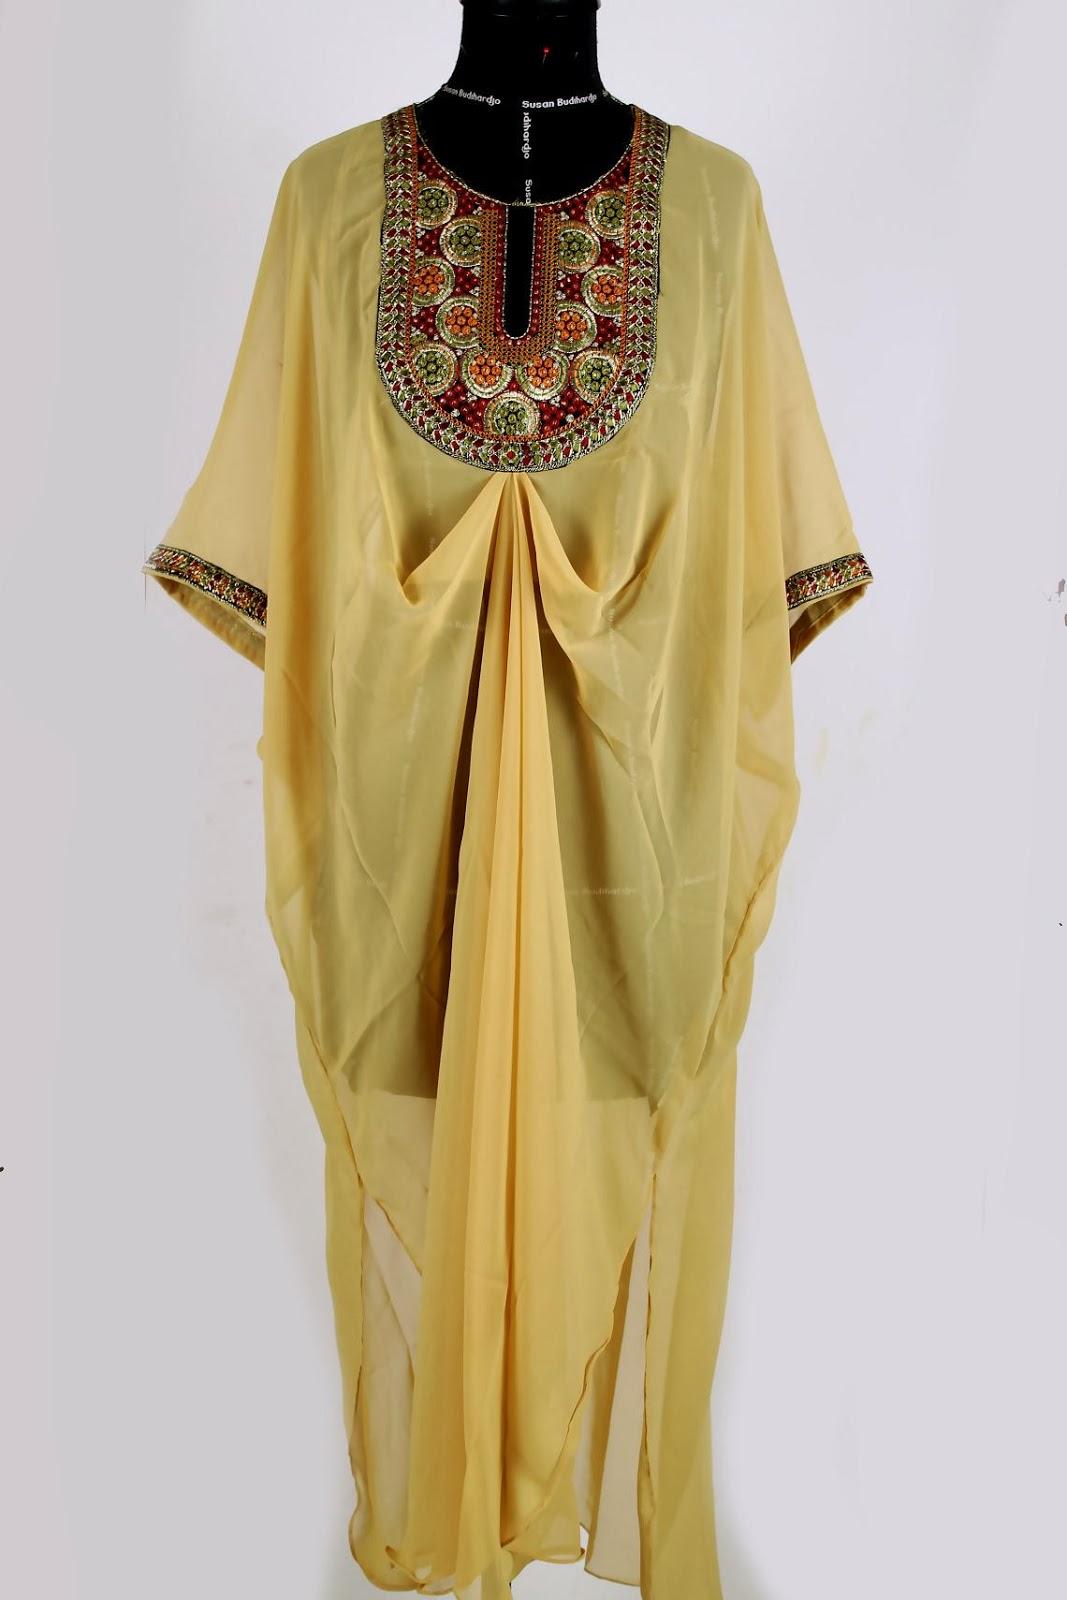 Baju Muslimah Tren Sekarang Baju Baju Tren Sekarang Baju